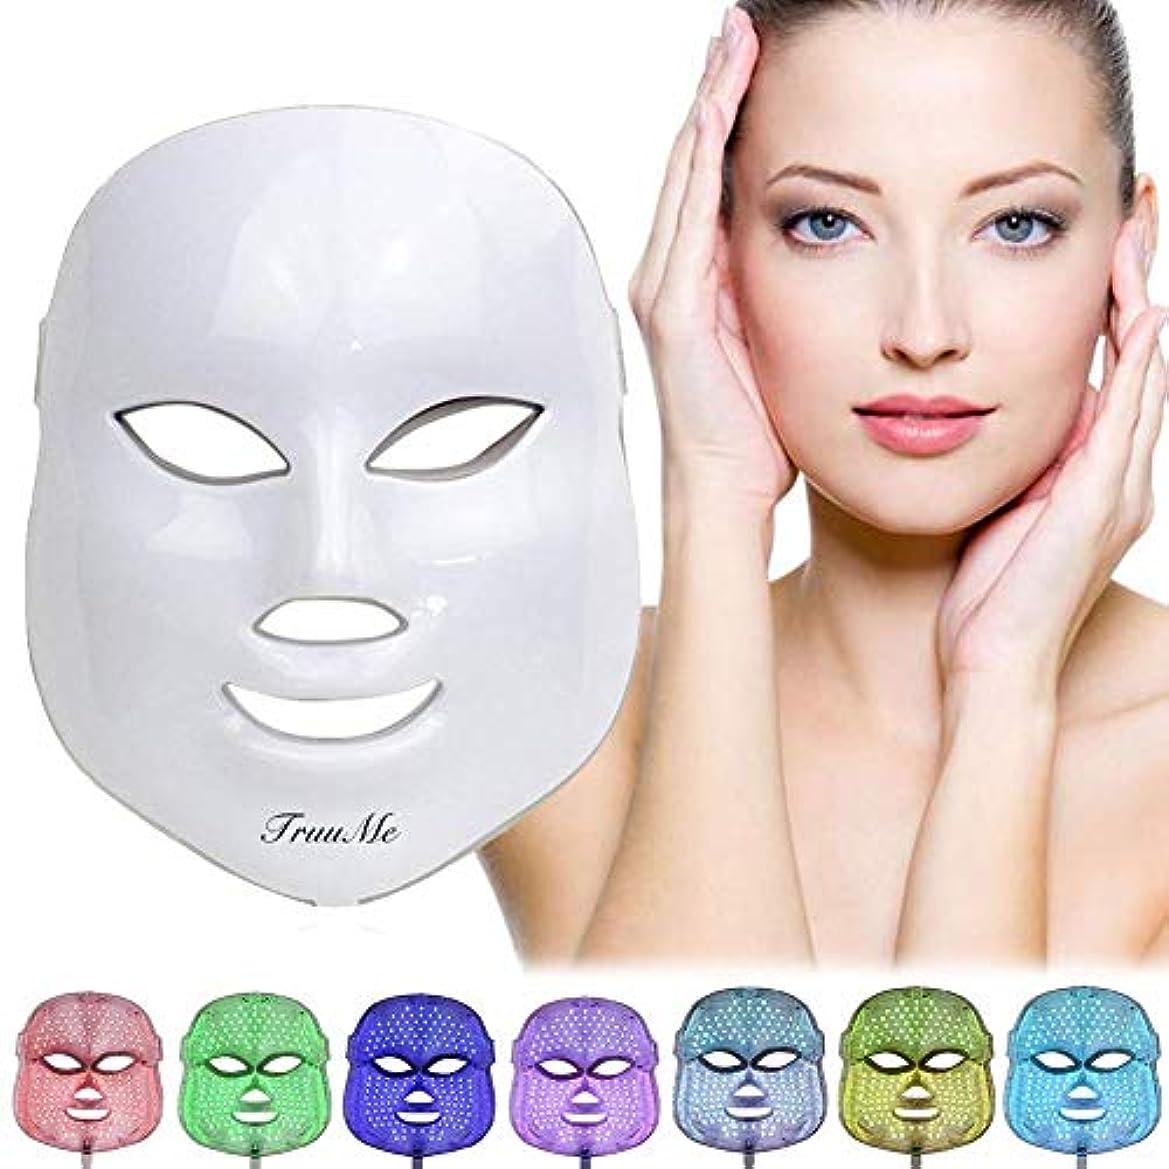 僕の安心動LEDフェイスマスク、ライトセラピーニキビマスク、LEDフェイシャルマスク、光線療法マスク、LEDエレクトリックフェイシャルマスク、7色光治療、ニキビ治療用マスク、斑点、にきび、皮膚のシミ